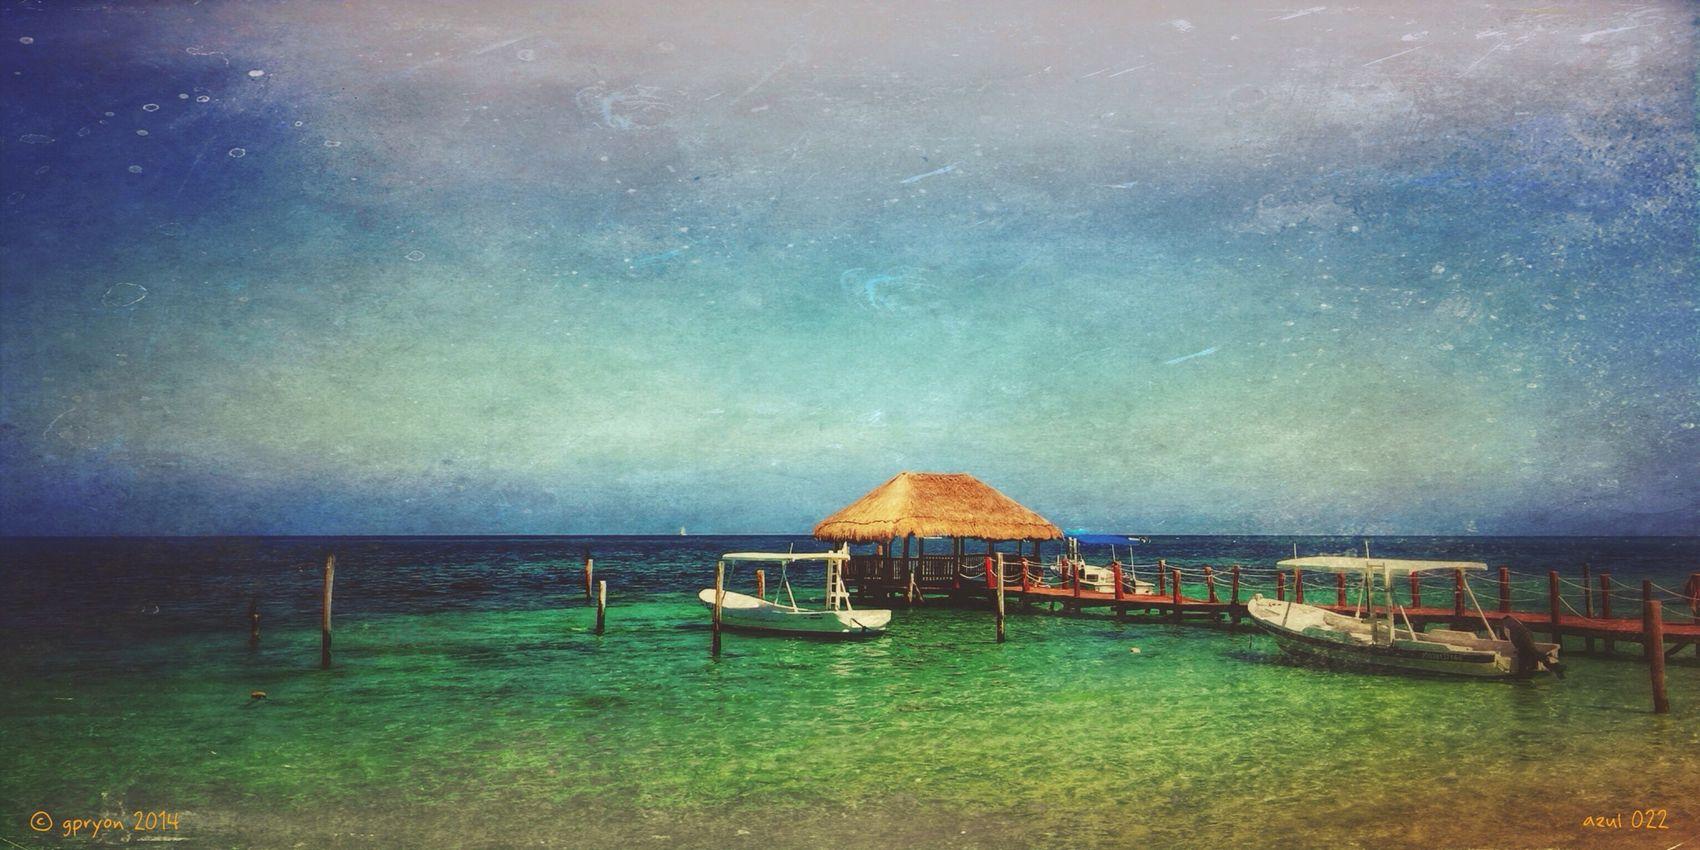 azul 022 AMPt_community NEM Landscapes NEM Painterly NEM Submissions